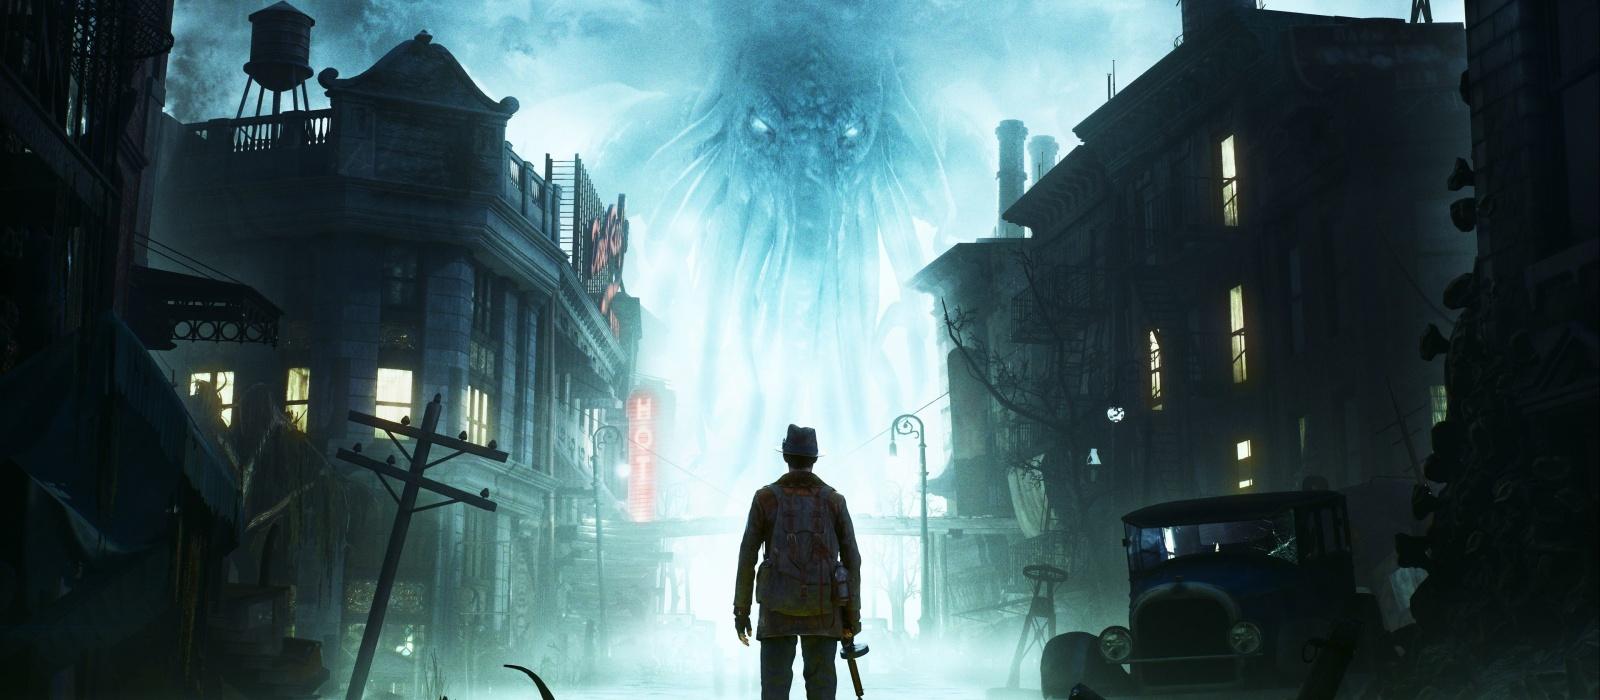 Der Publisher The Sinking City hat das Spiel der ukrainischen Entwickler gehackt, um es auf Steam zu stellen.  Dies ist ein einzigartiger Fall von Piraterie